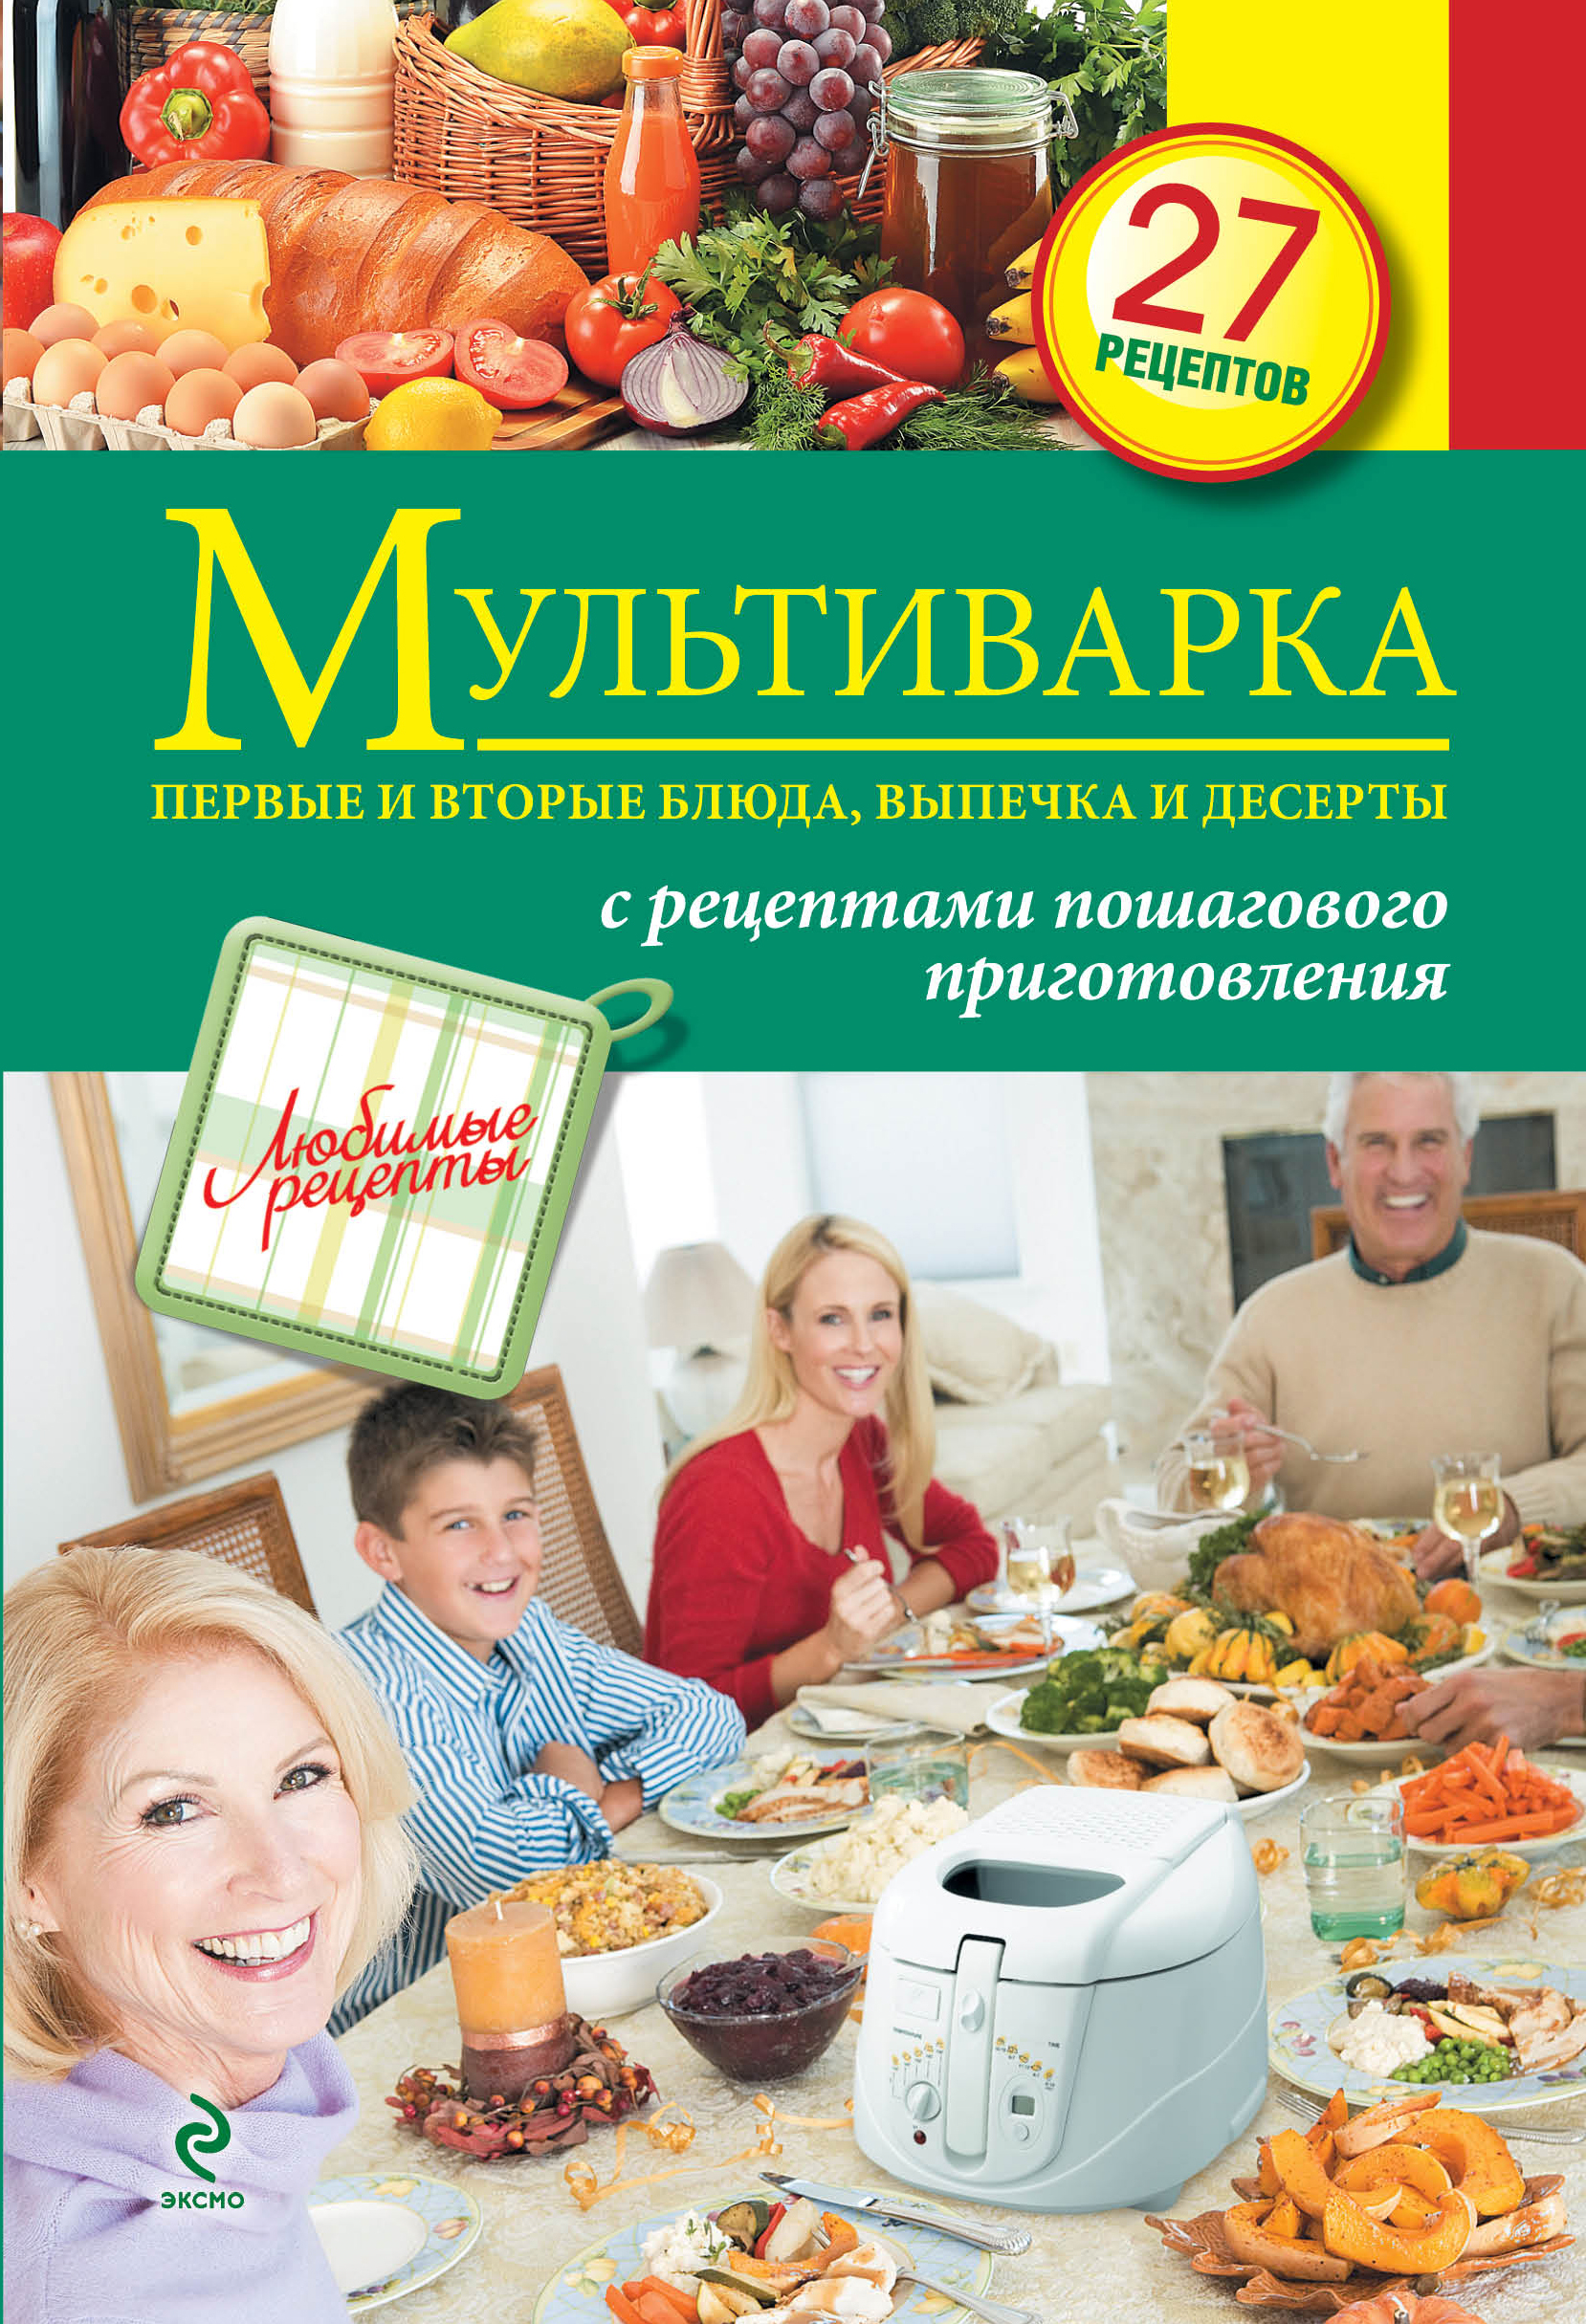 Мультиварка. Первые и вторые блюда, выпечка и десерты